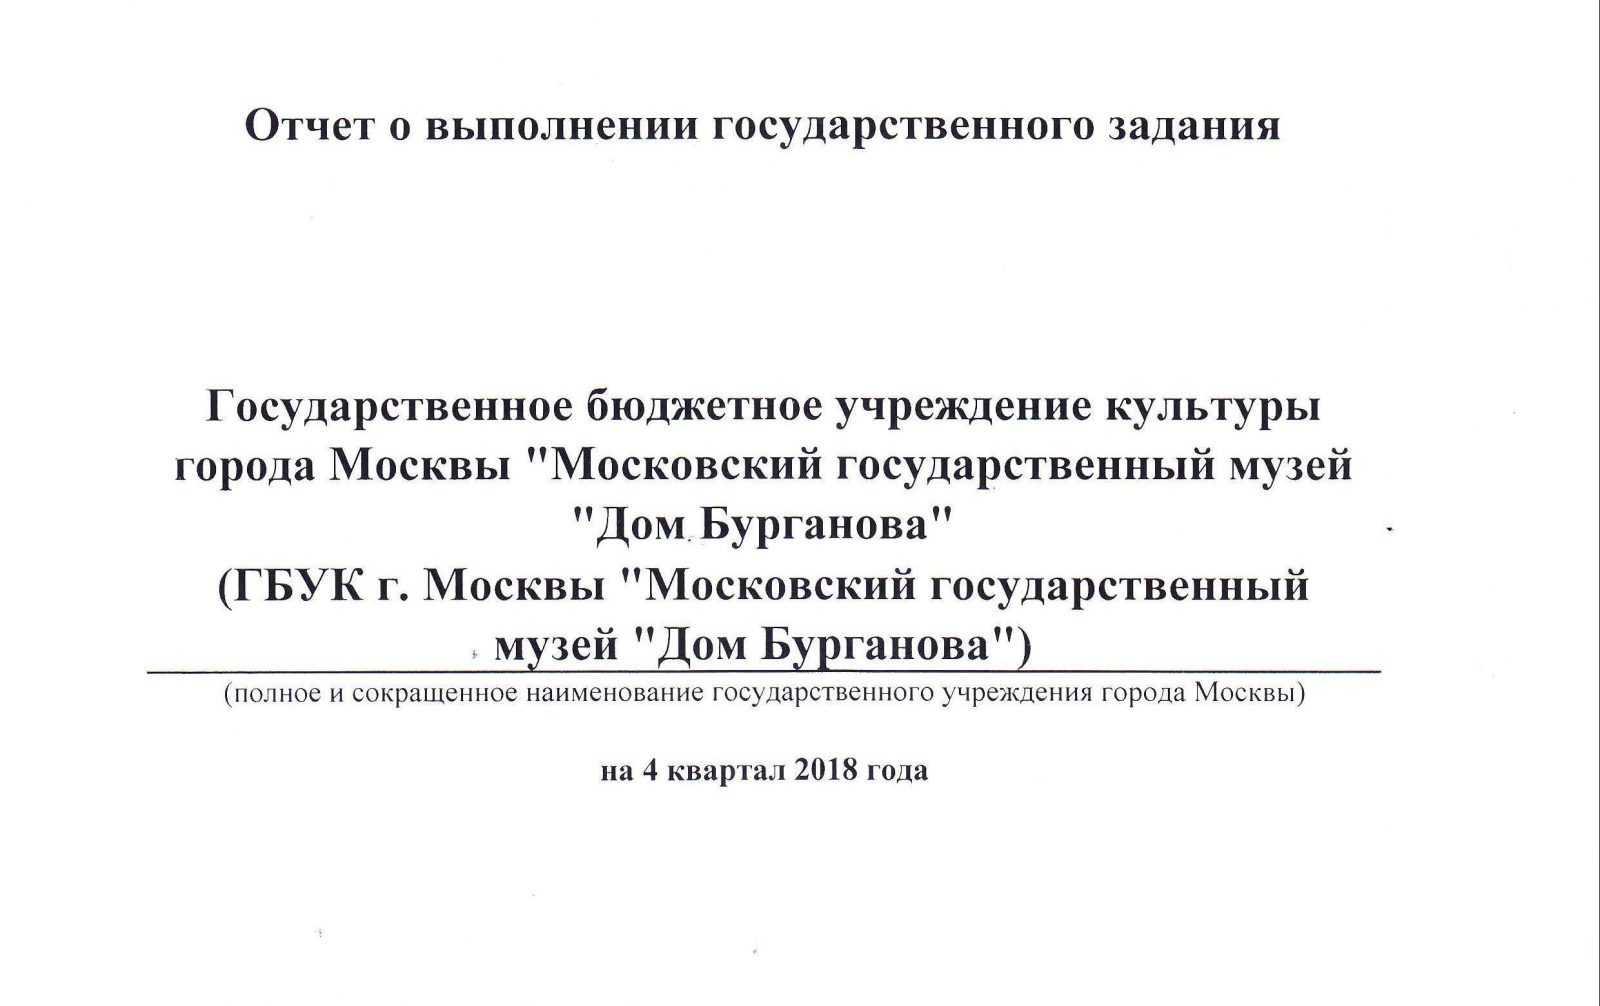 Отчет о выполнении госзадания за 2018 г